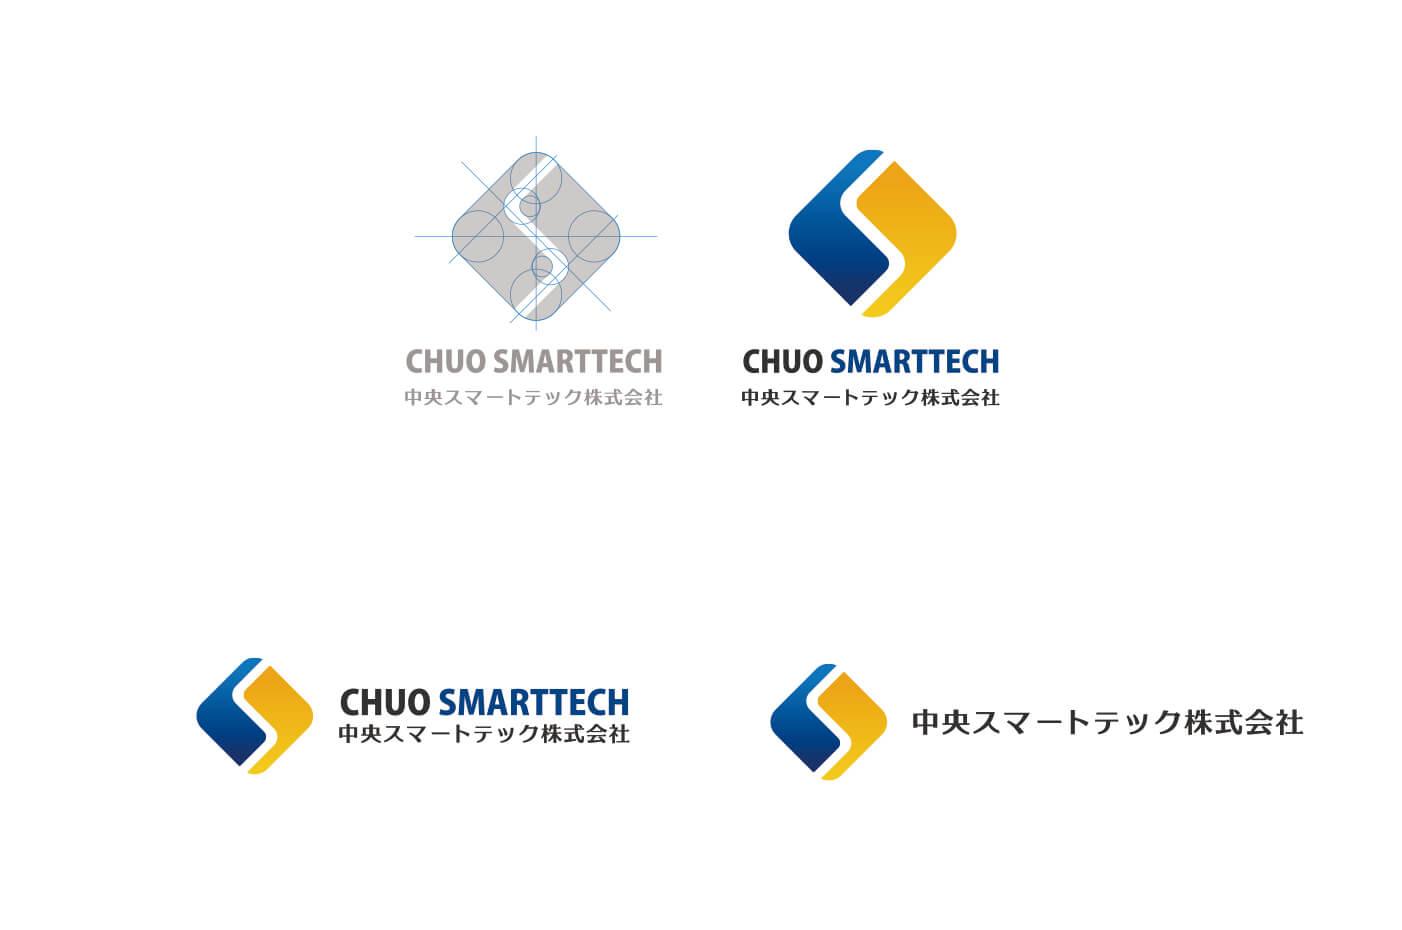 中央スマートテックさまロゴ